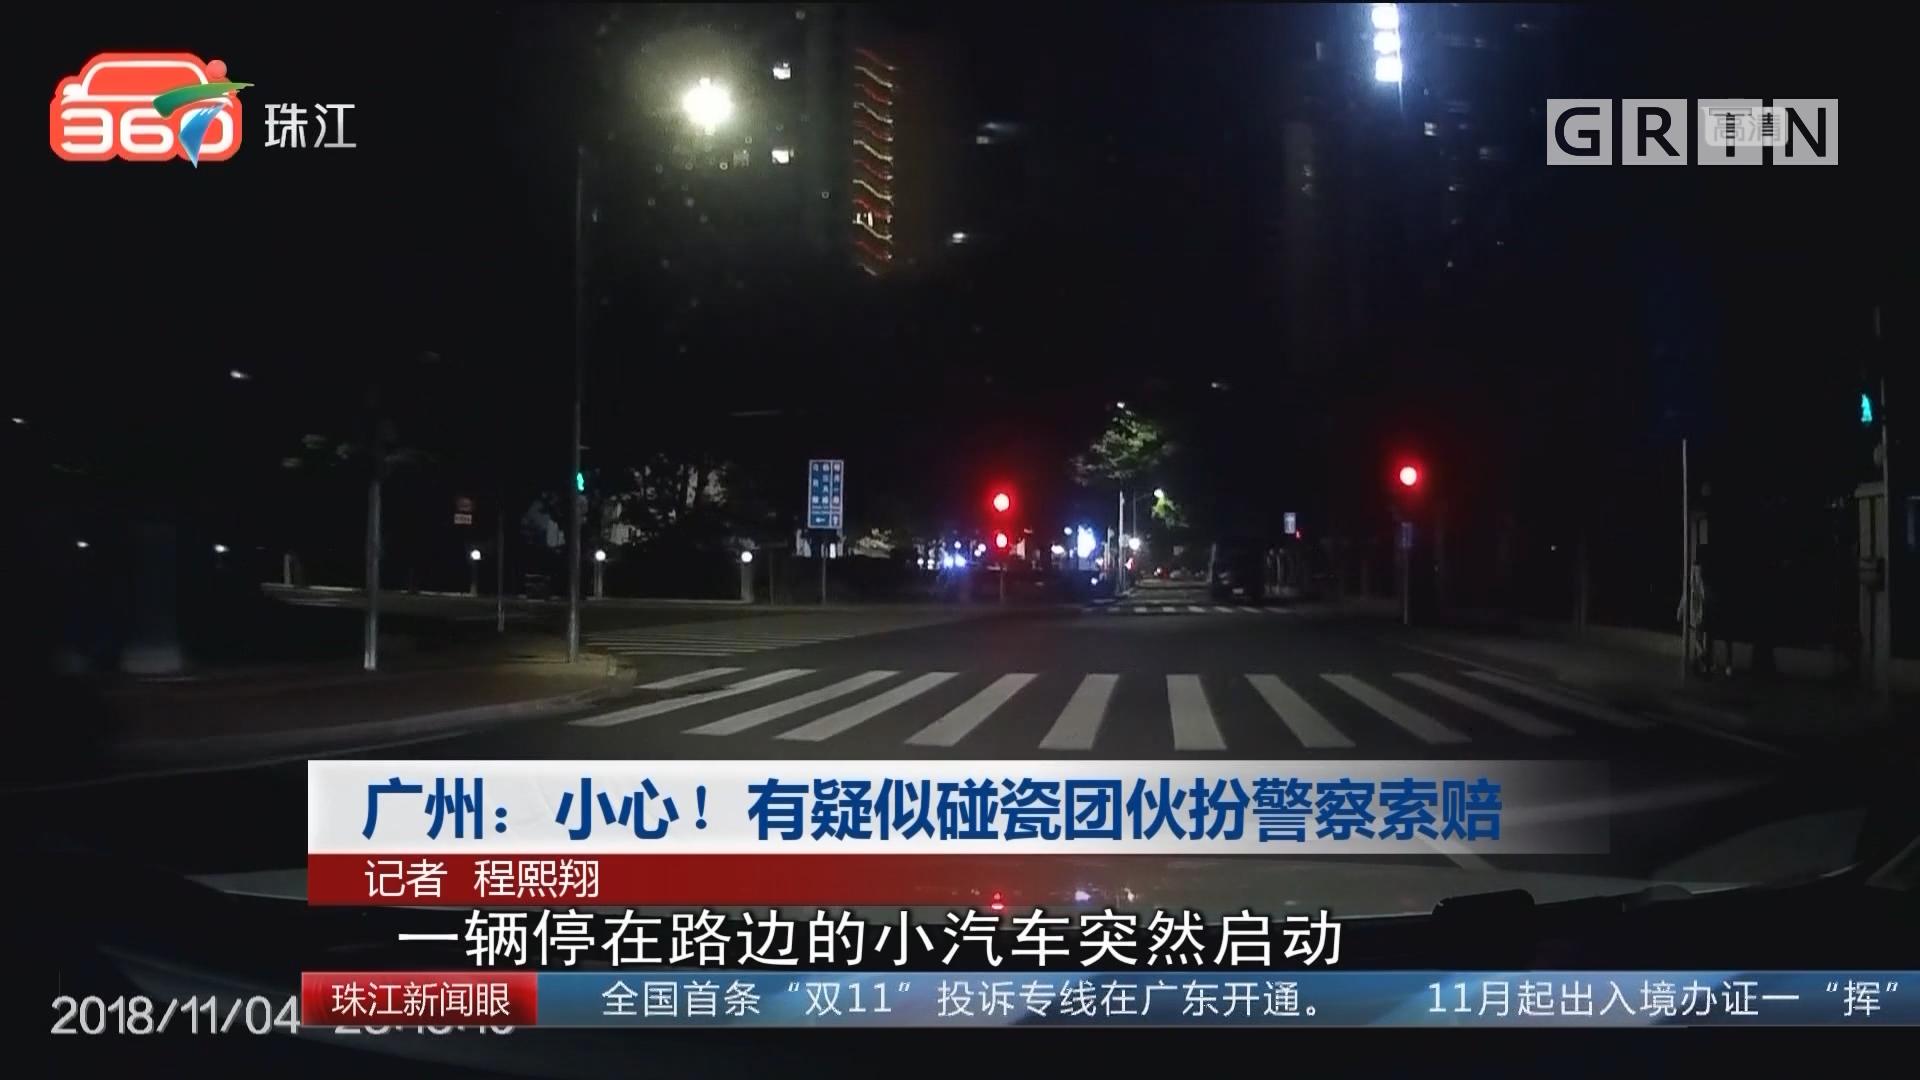 广州:小心!有疑似碰瓷团伙扮警察索赔